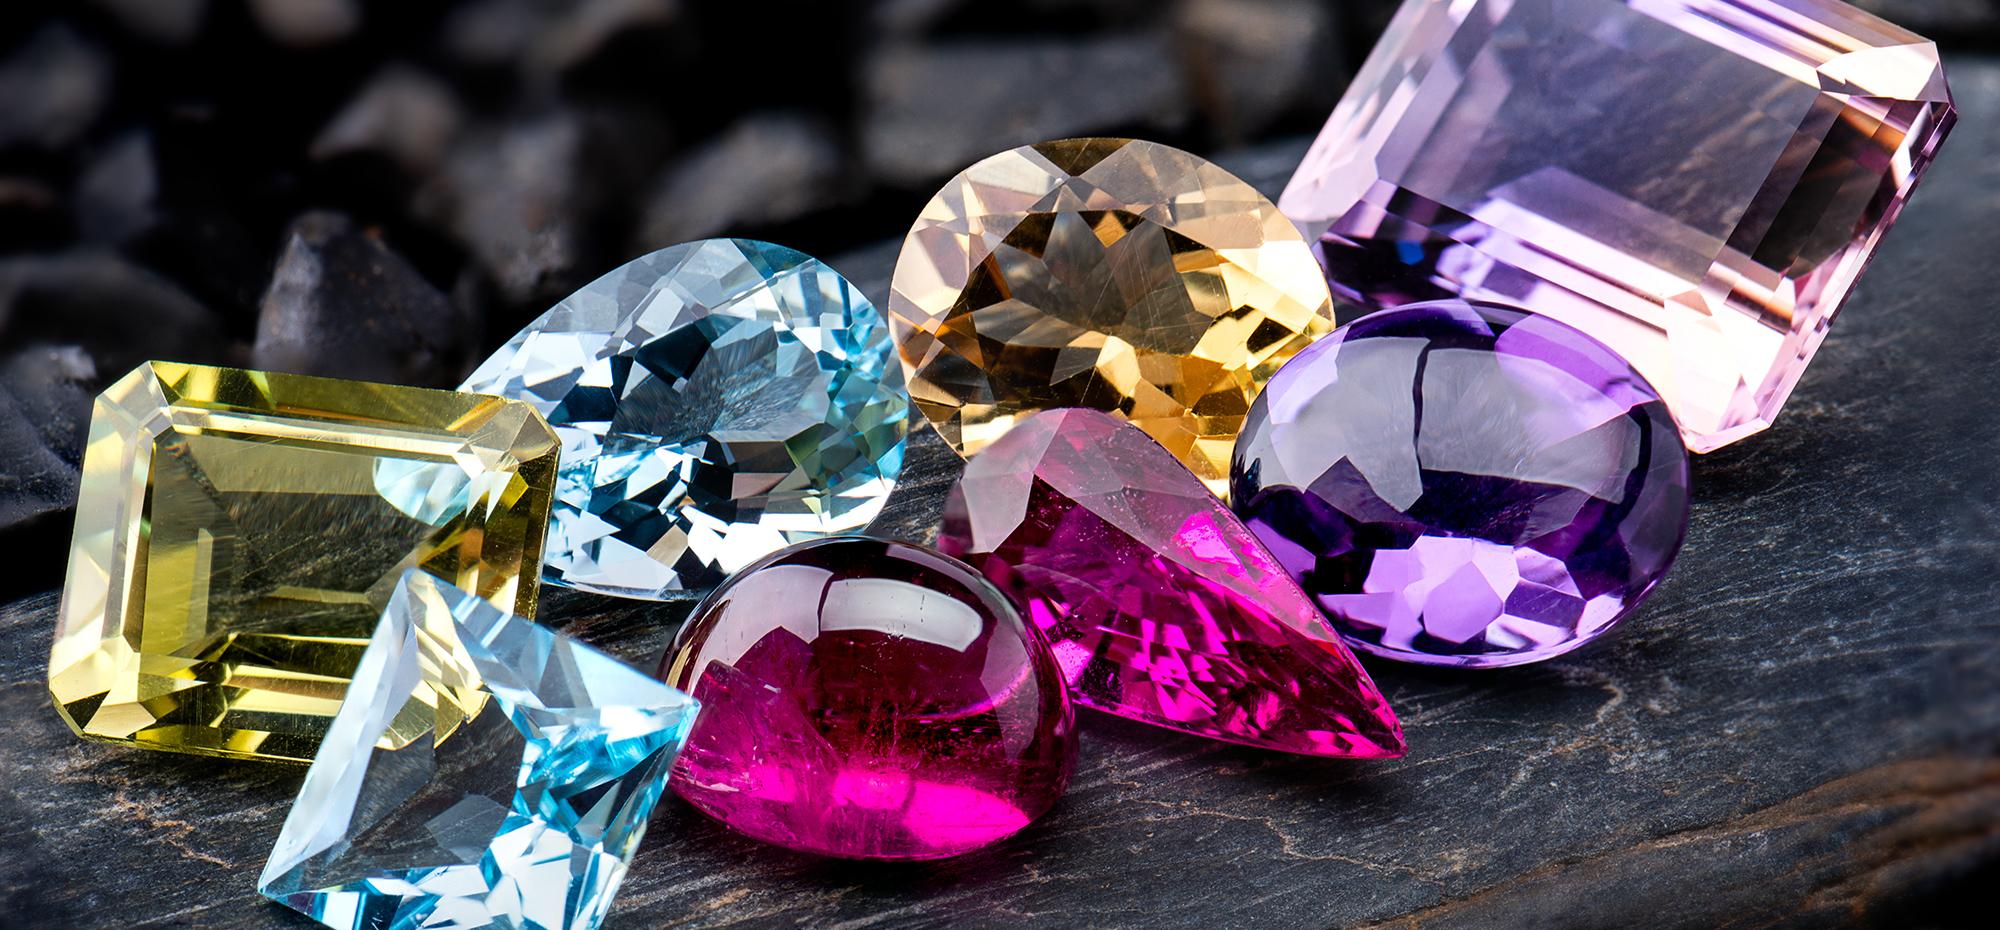 宝石買取でキララを選ぶメリット